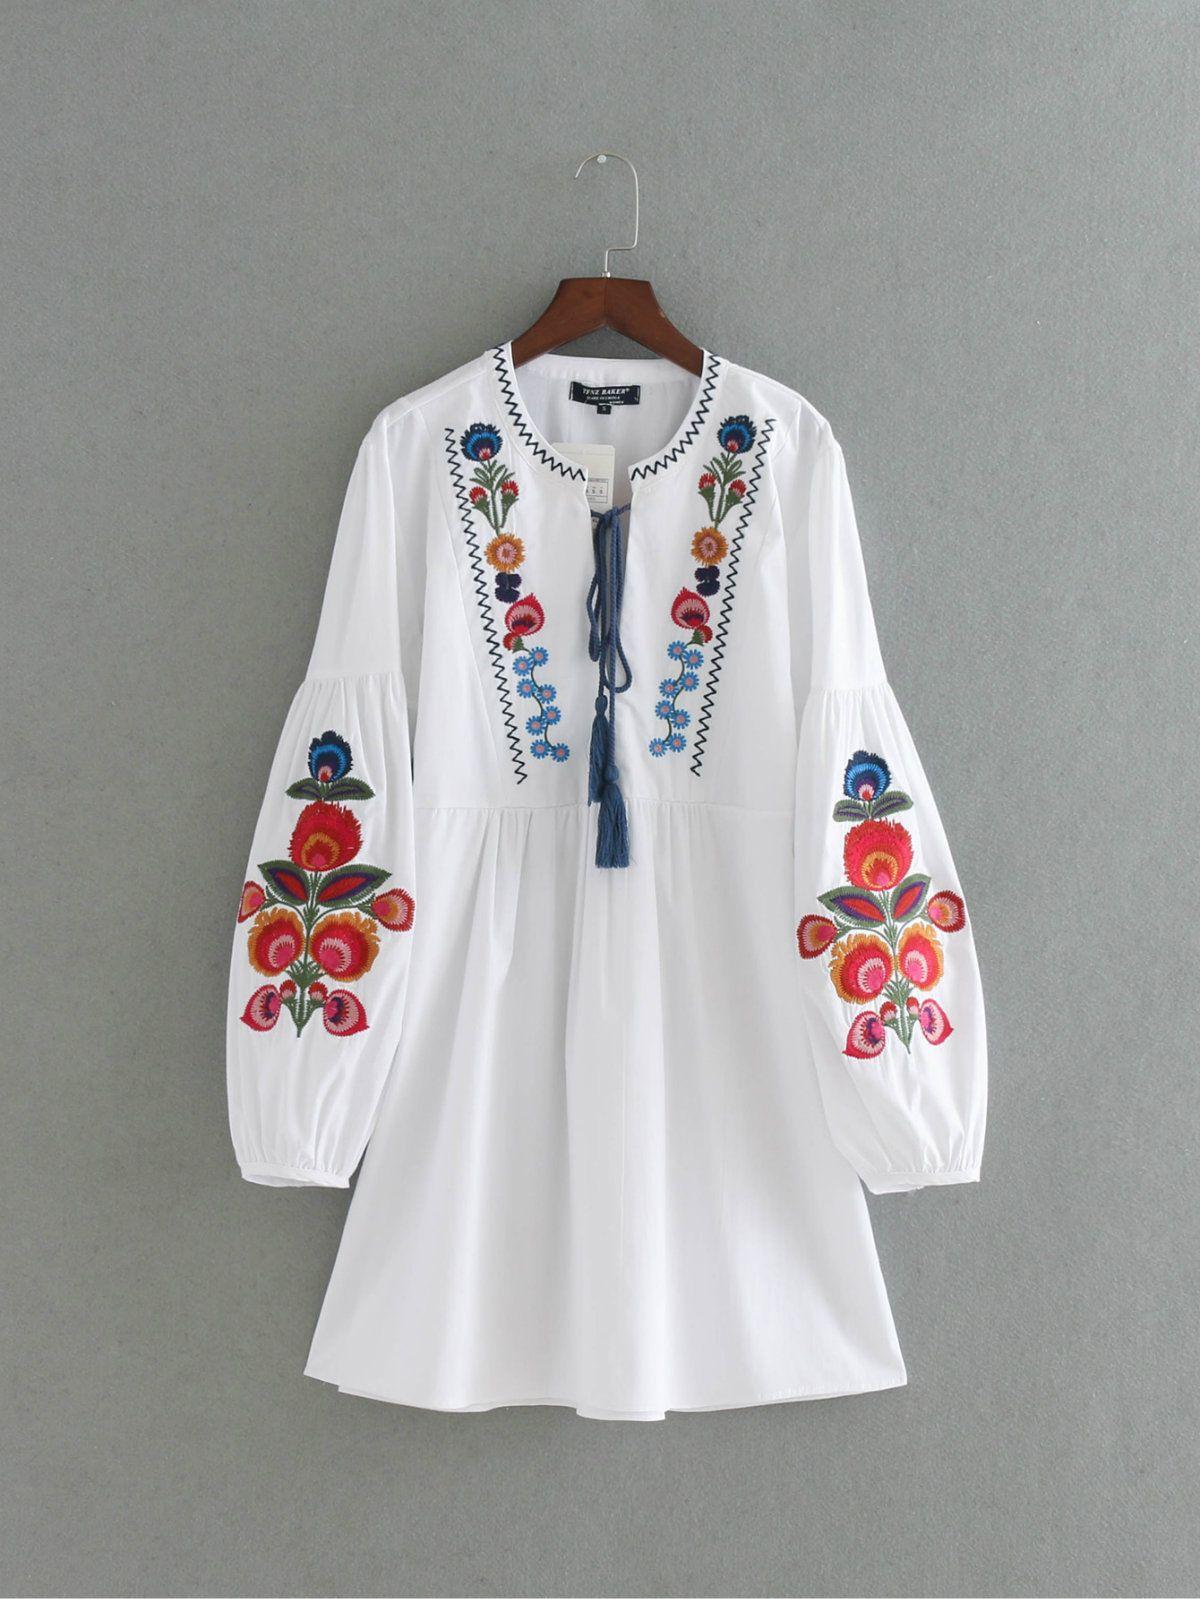 Euro Fashion Boutique Vêtements pour femmes Sexy O-Neck Puff Sleeve Fleur Robe De Broderie Femmes Casual Robes D'été